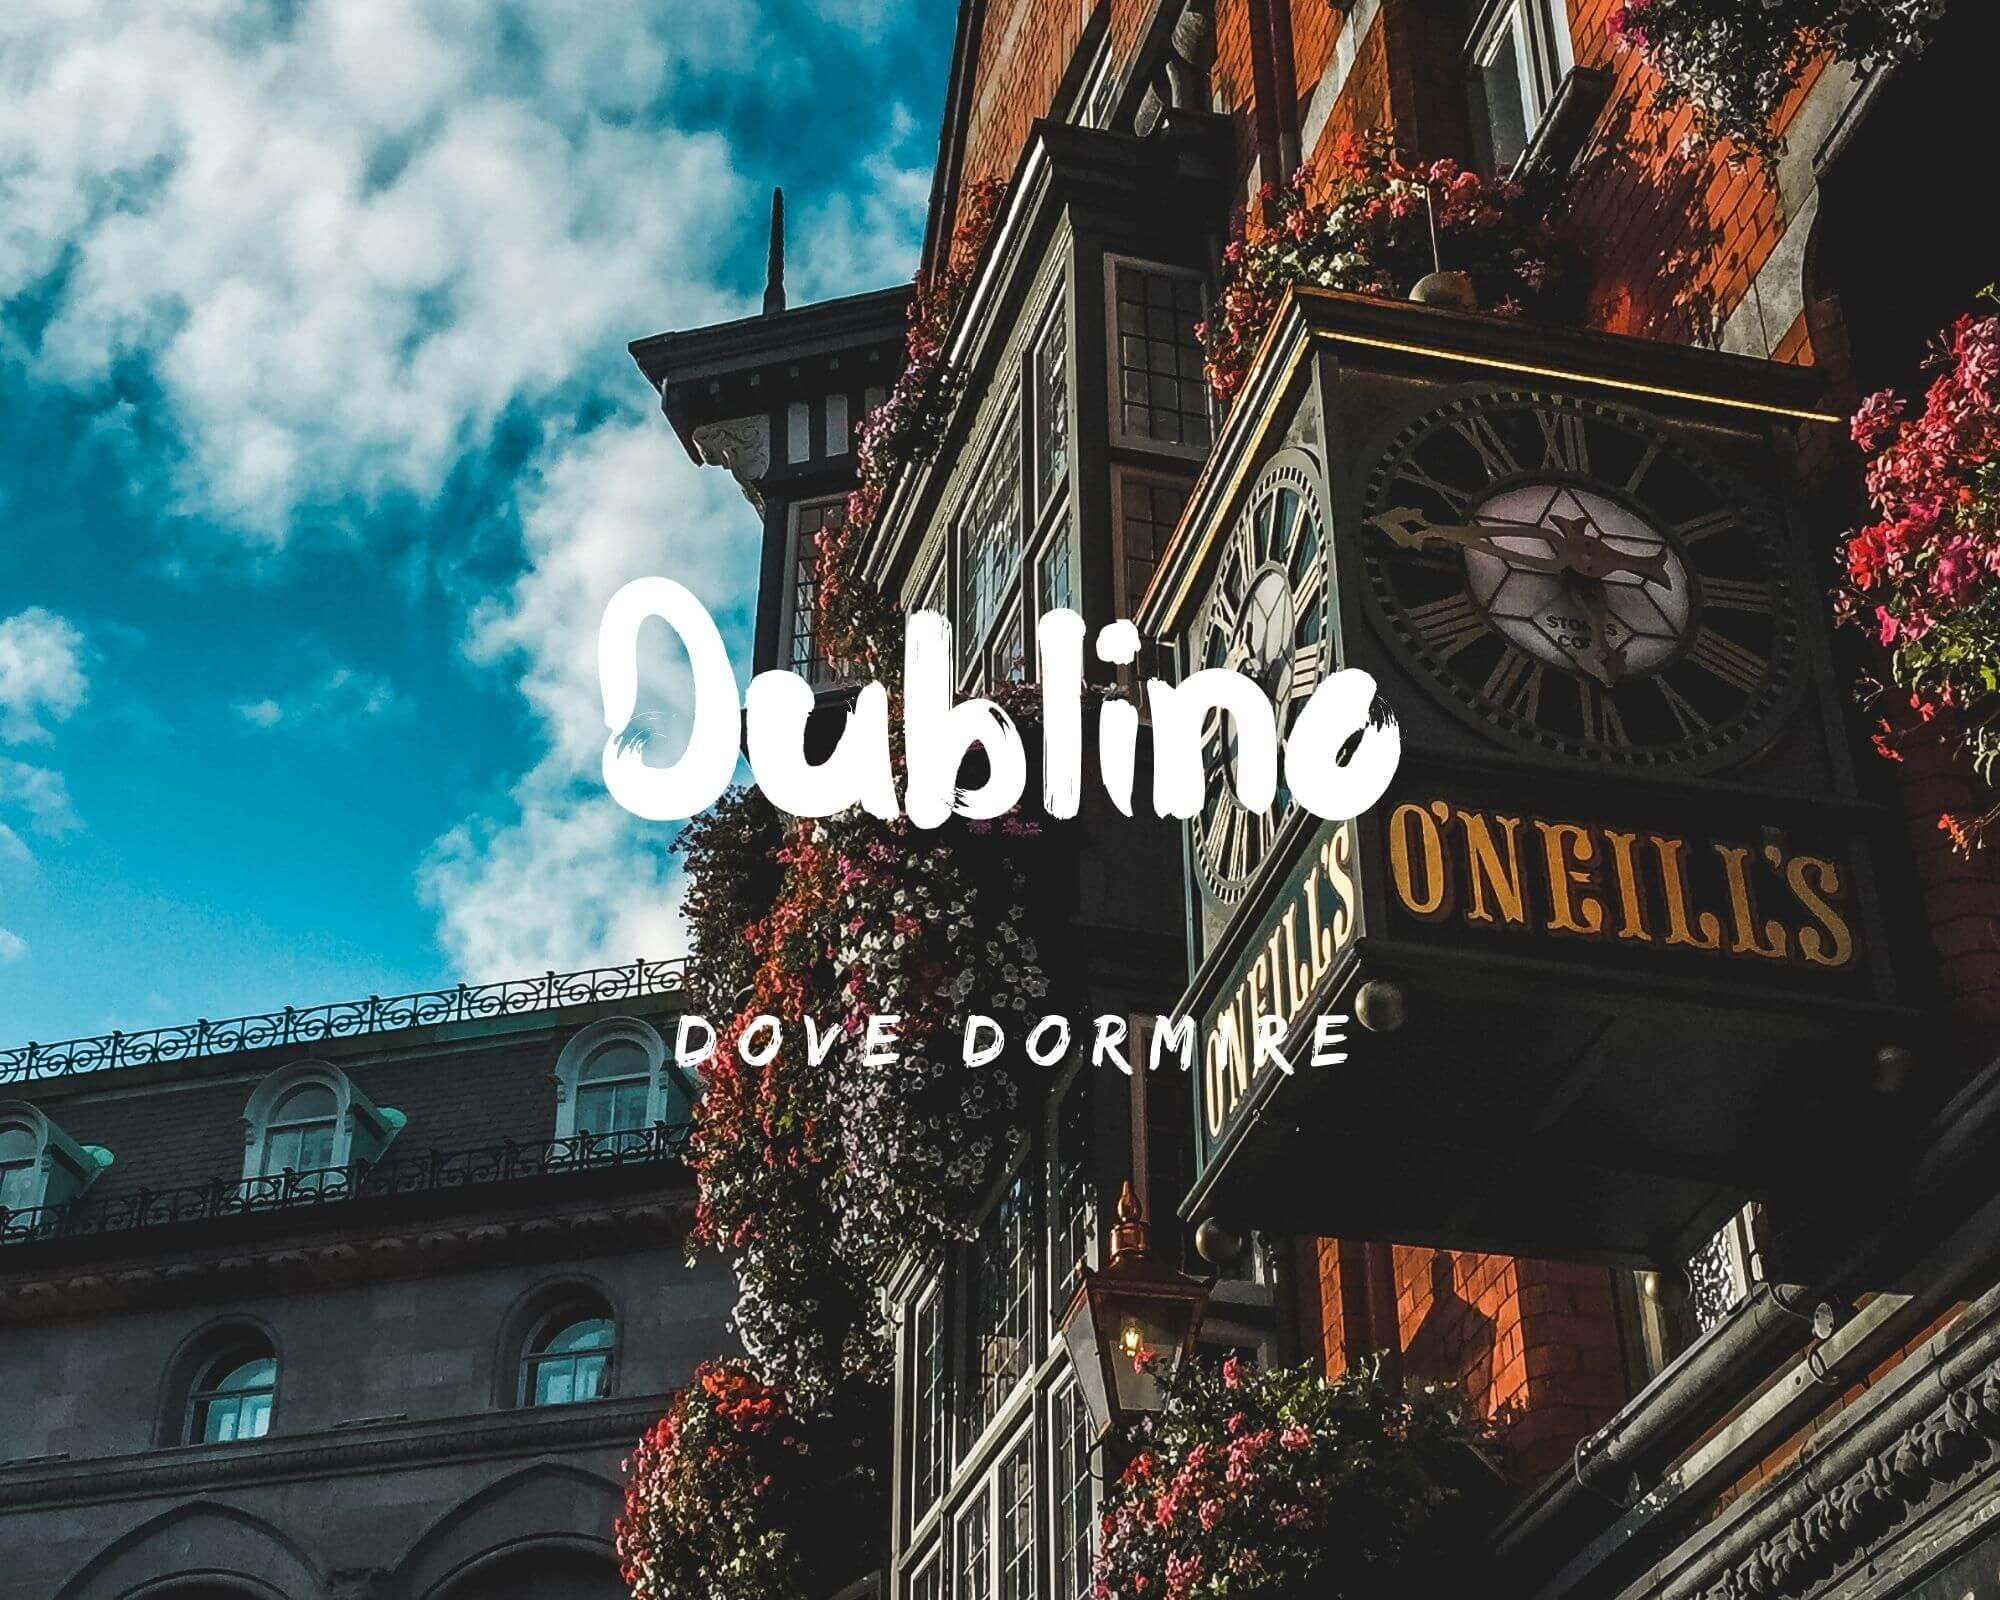 Dove dormire a Dublino consigli zone migliori